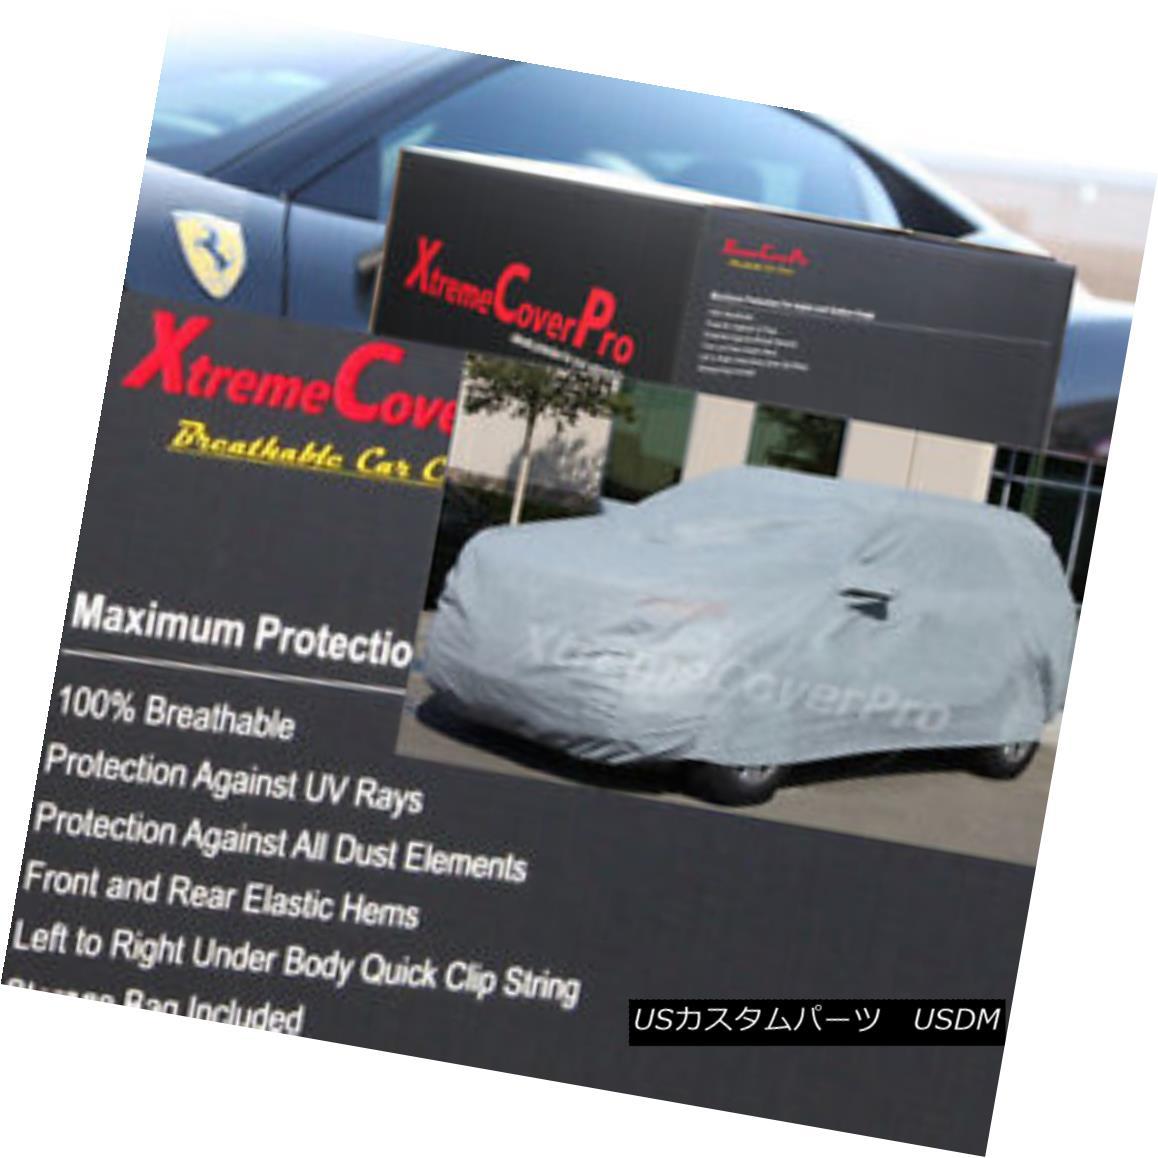 カーカバー BREATHABLE CAR COVER W/MIRROR POCKET-GREY FOR 2018 2017 2016 2015 INFINITI QX60 BREATHABLE CAR COVER W /ミラーポケットグレイ2018 2017 2016 2015 INFINITI QX60